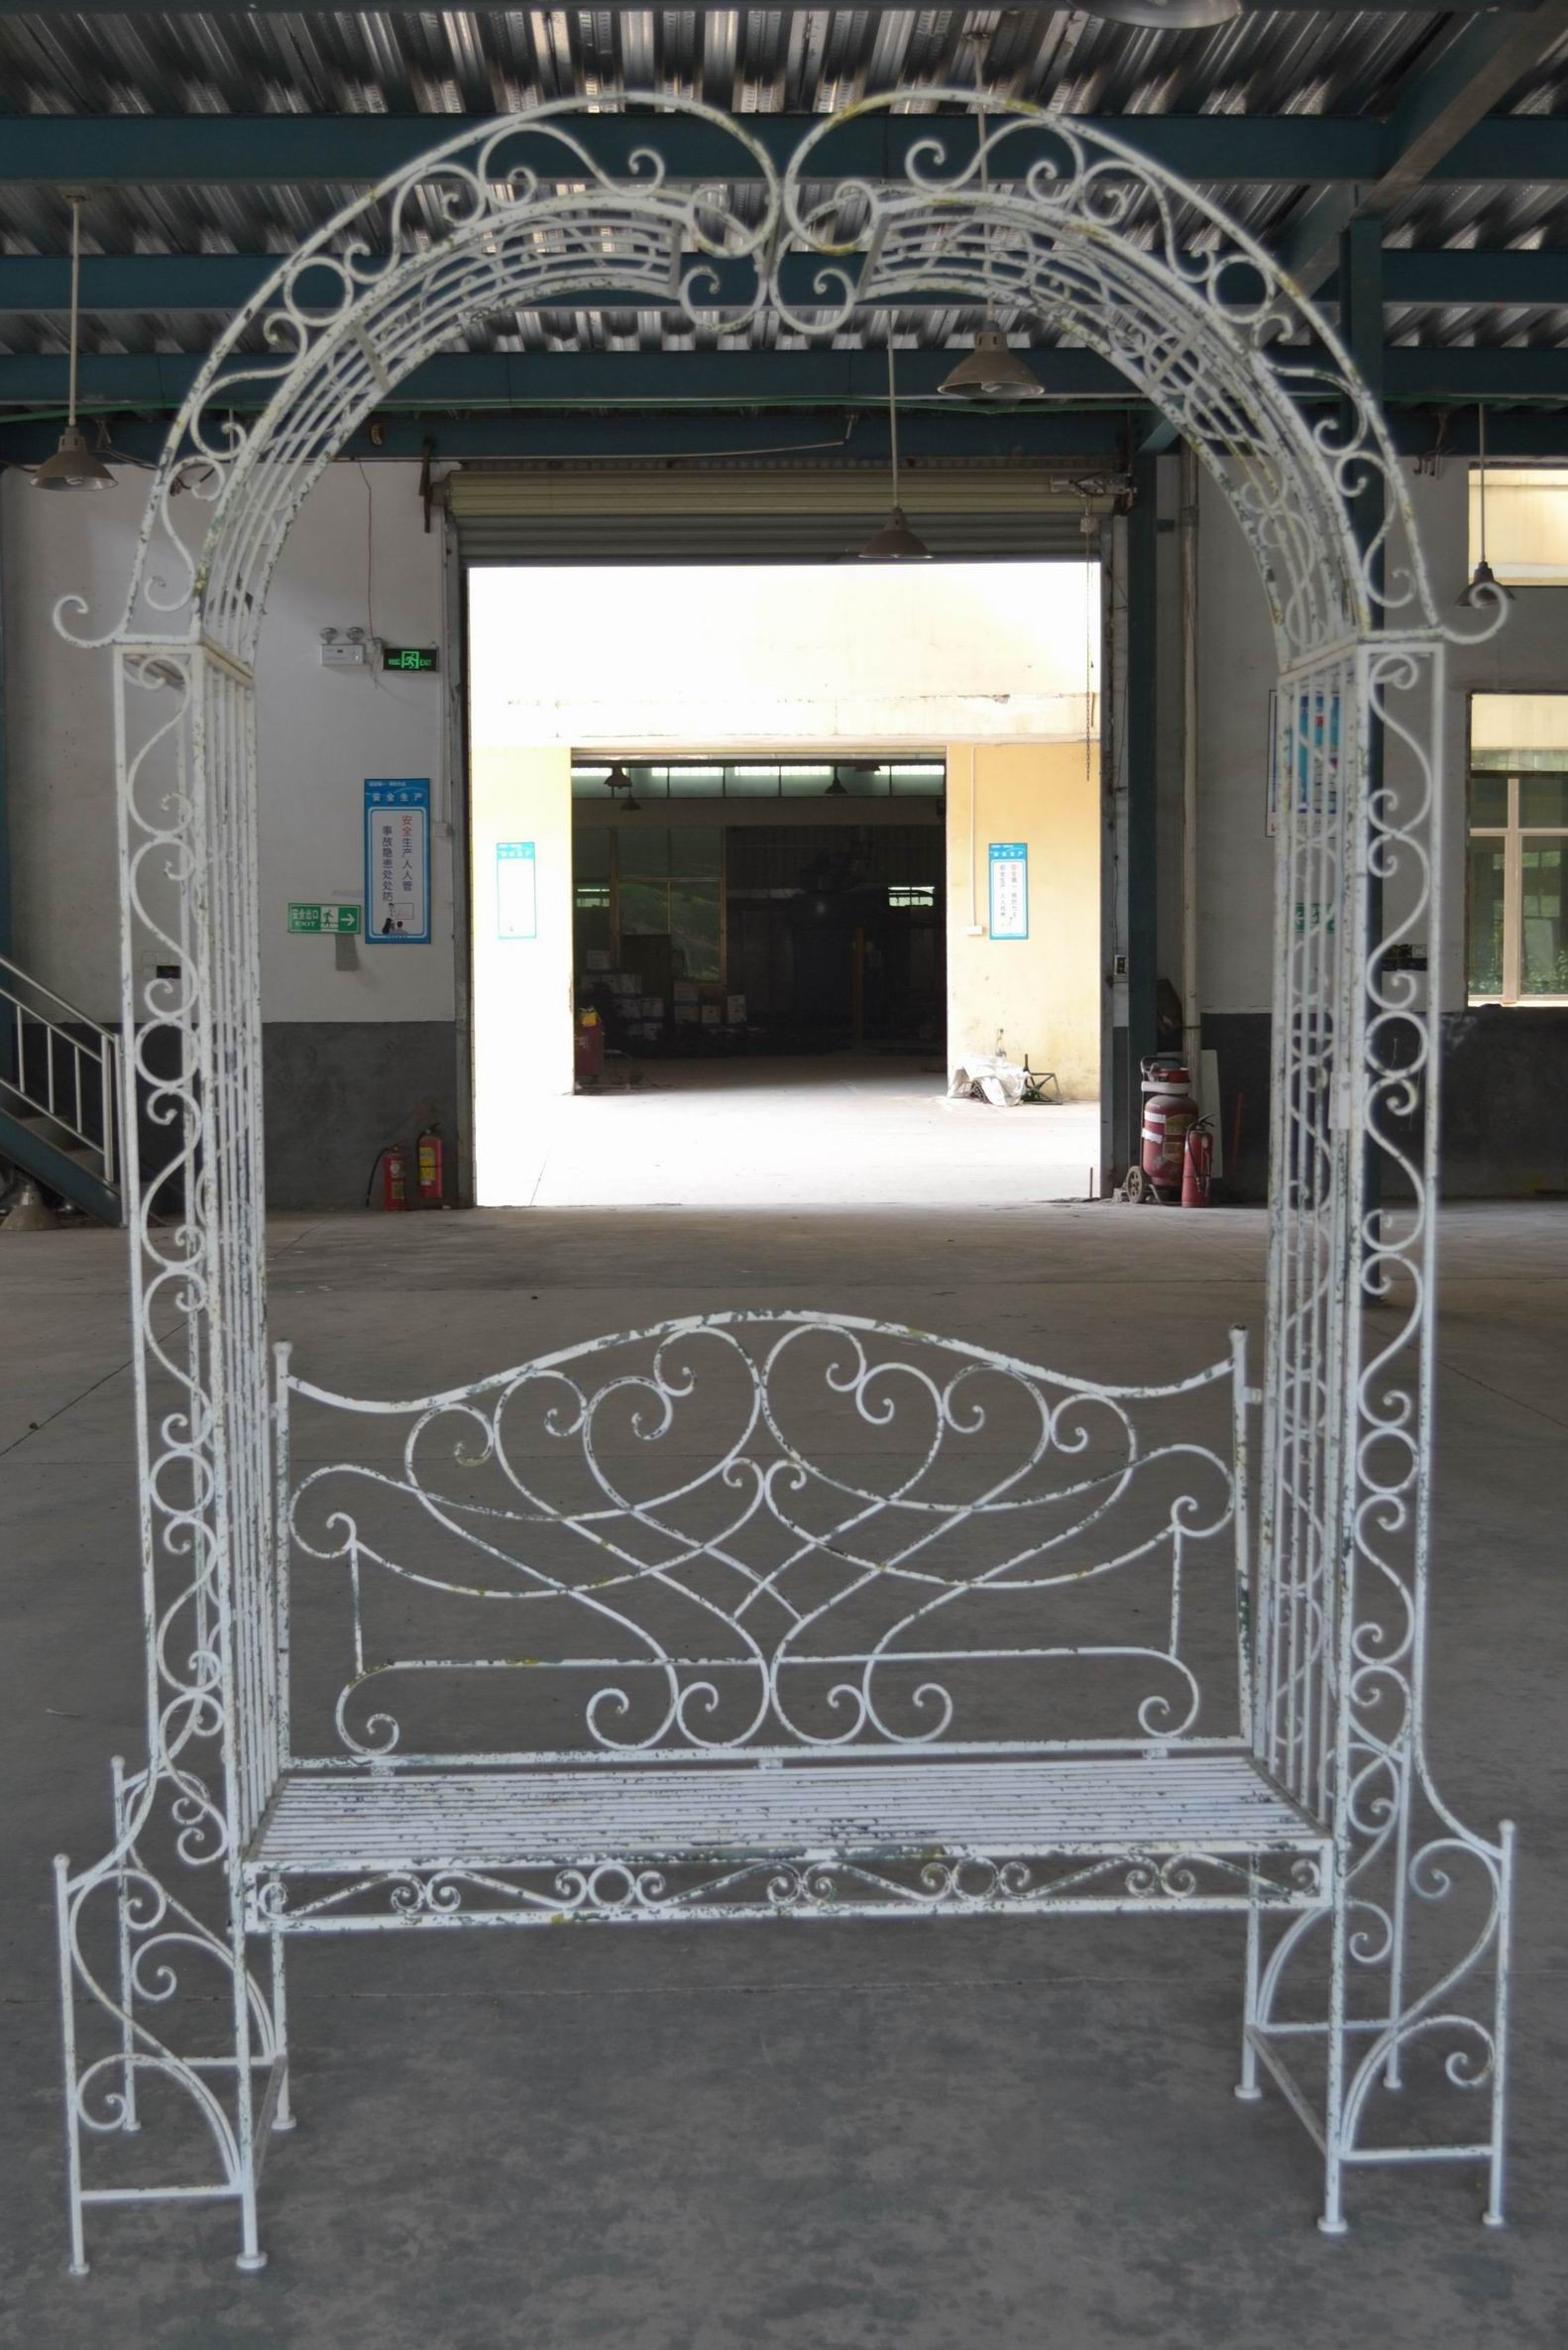 Banc Arche En Fer Forgé Patiné Blanc Antique dedans Arche En Fer Forgé Pour Jardin